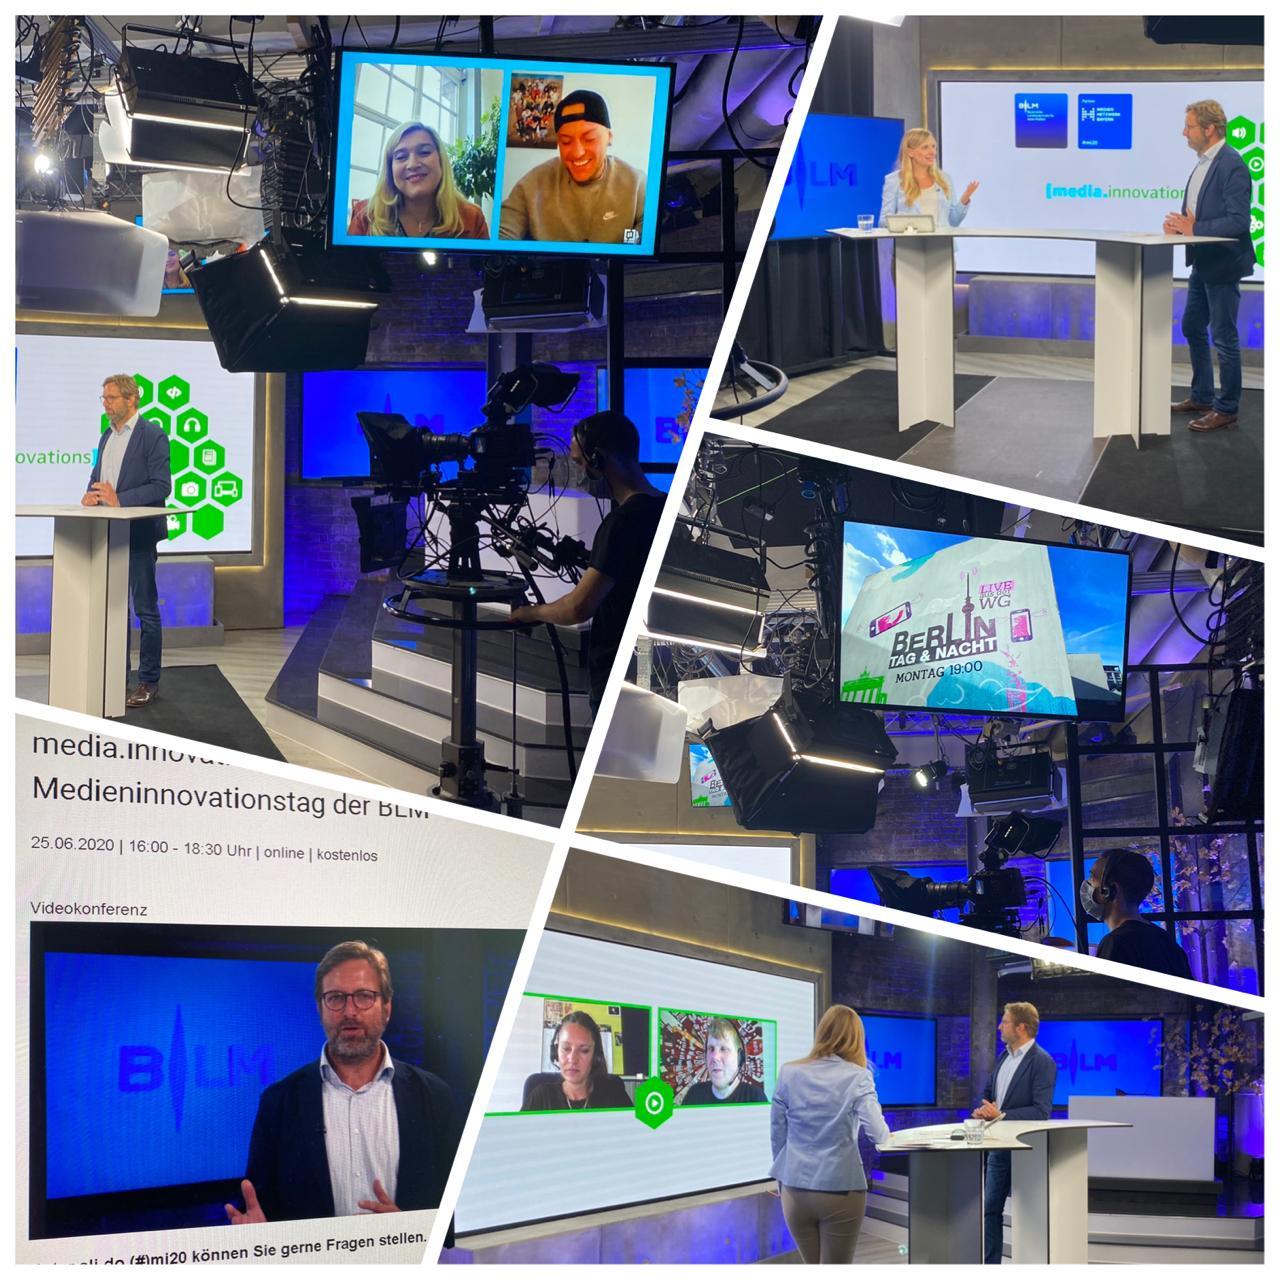 Livestream mit RTL 2, NDR: zu einem Innovationstag der Medienbranche, Innovationen während Corona mit RTL2, NDR Corona App und vielen weiteren Tools zur Digitalisierung